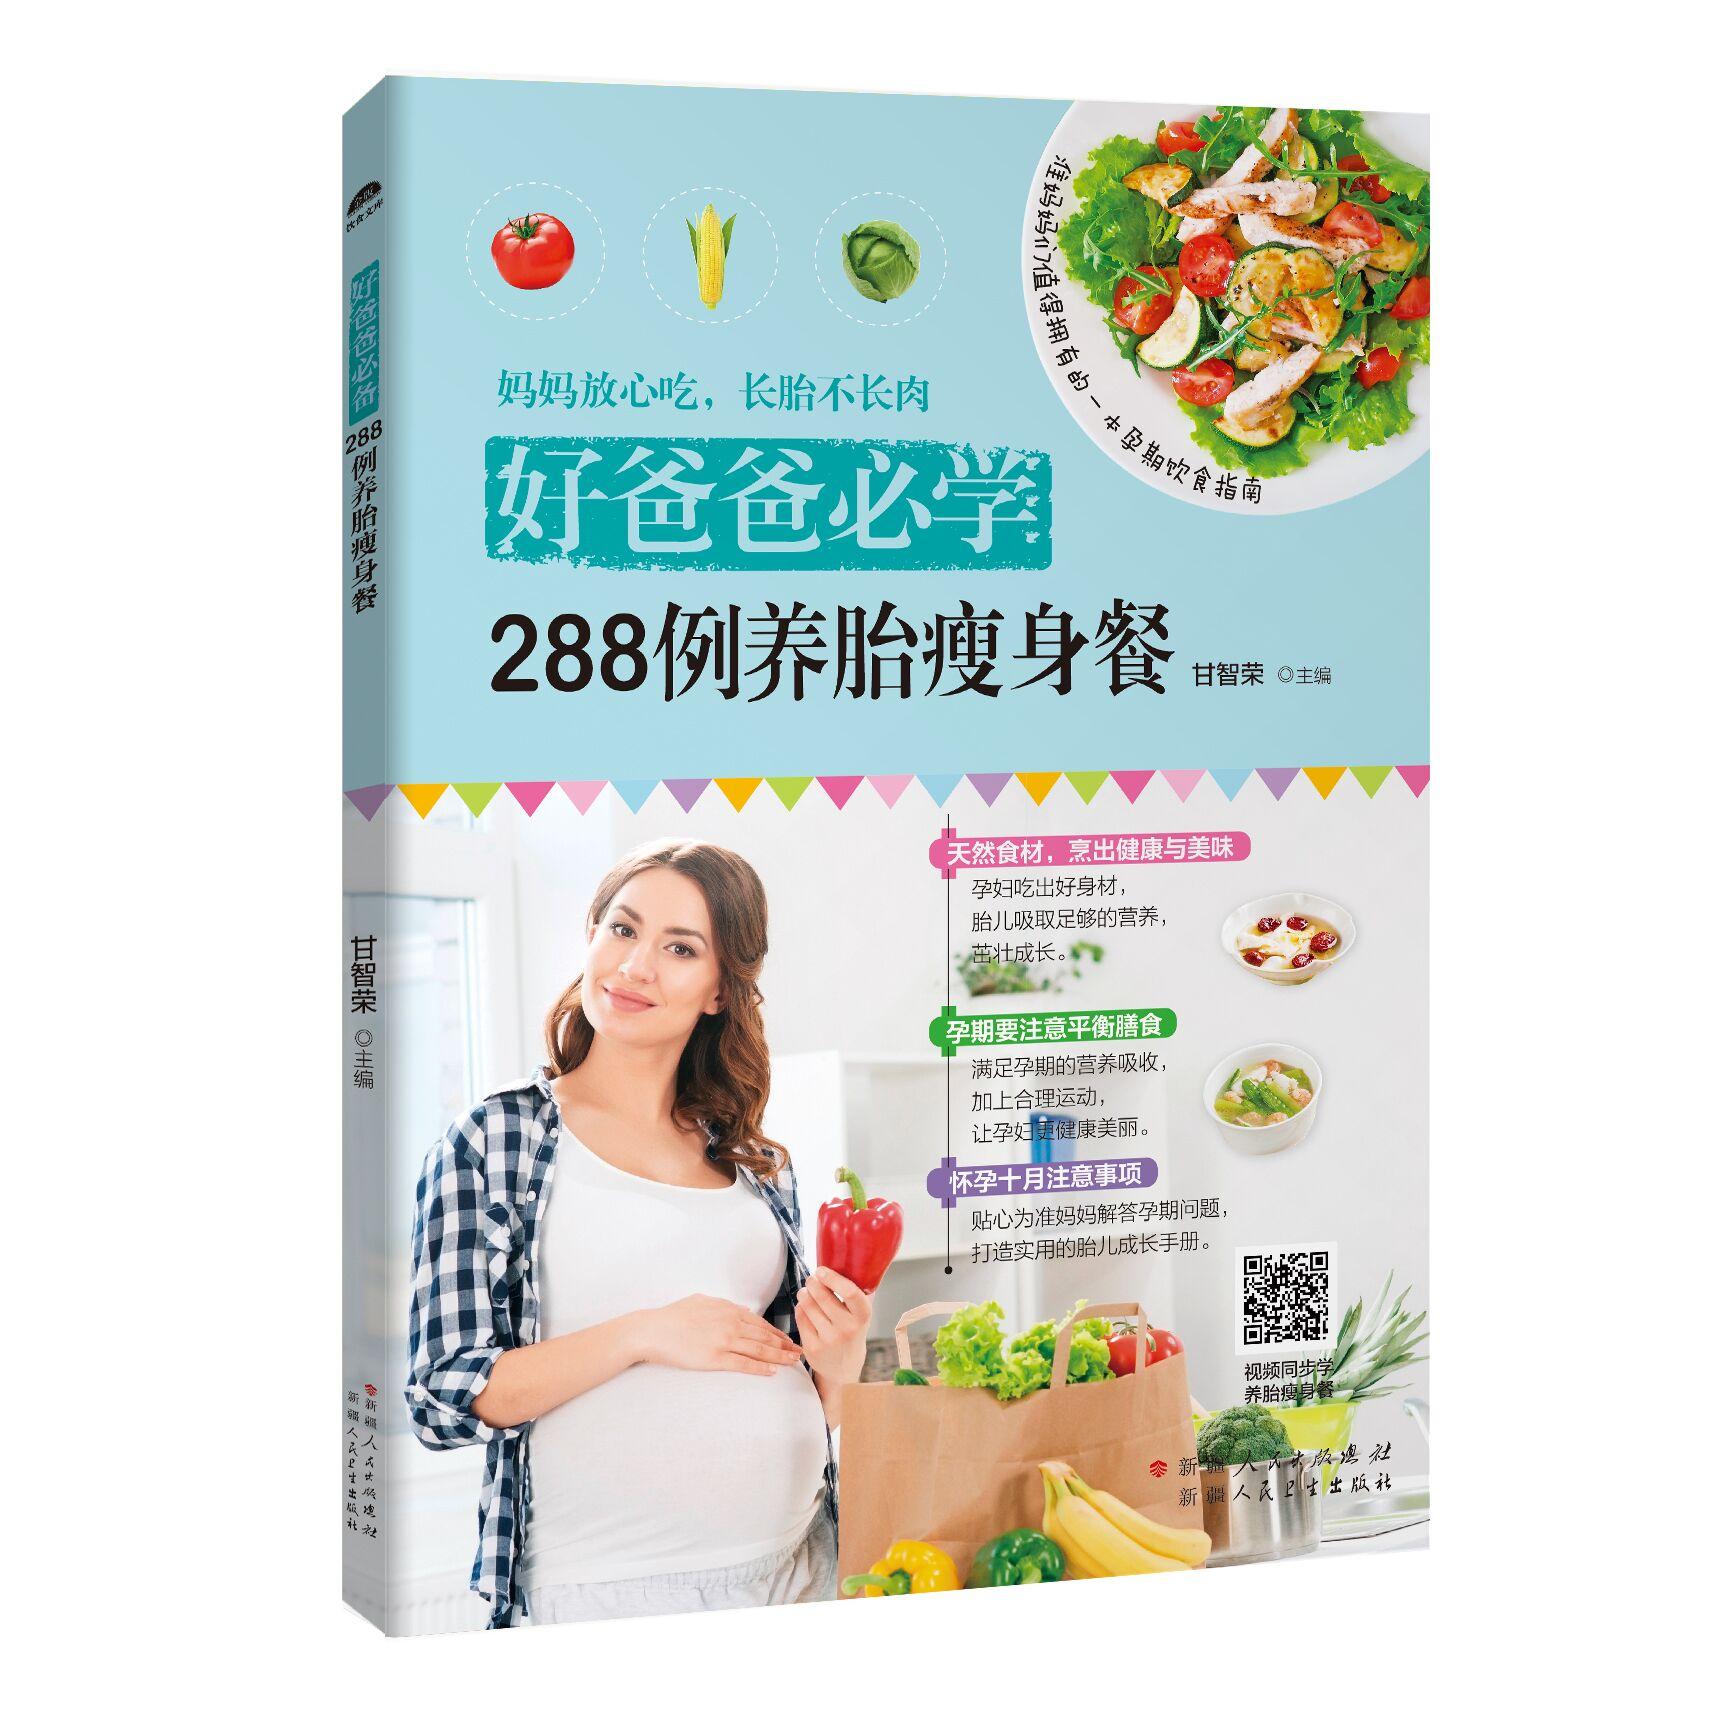 """《好爸爸必学:288例养胎瘦身餐》 一本关于新妈妈在怀孕阶段既可享""""瘦""""有营养,又不长肉的食谱指南"""